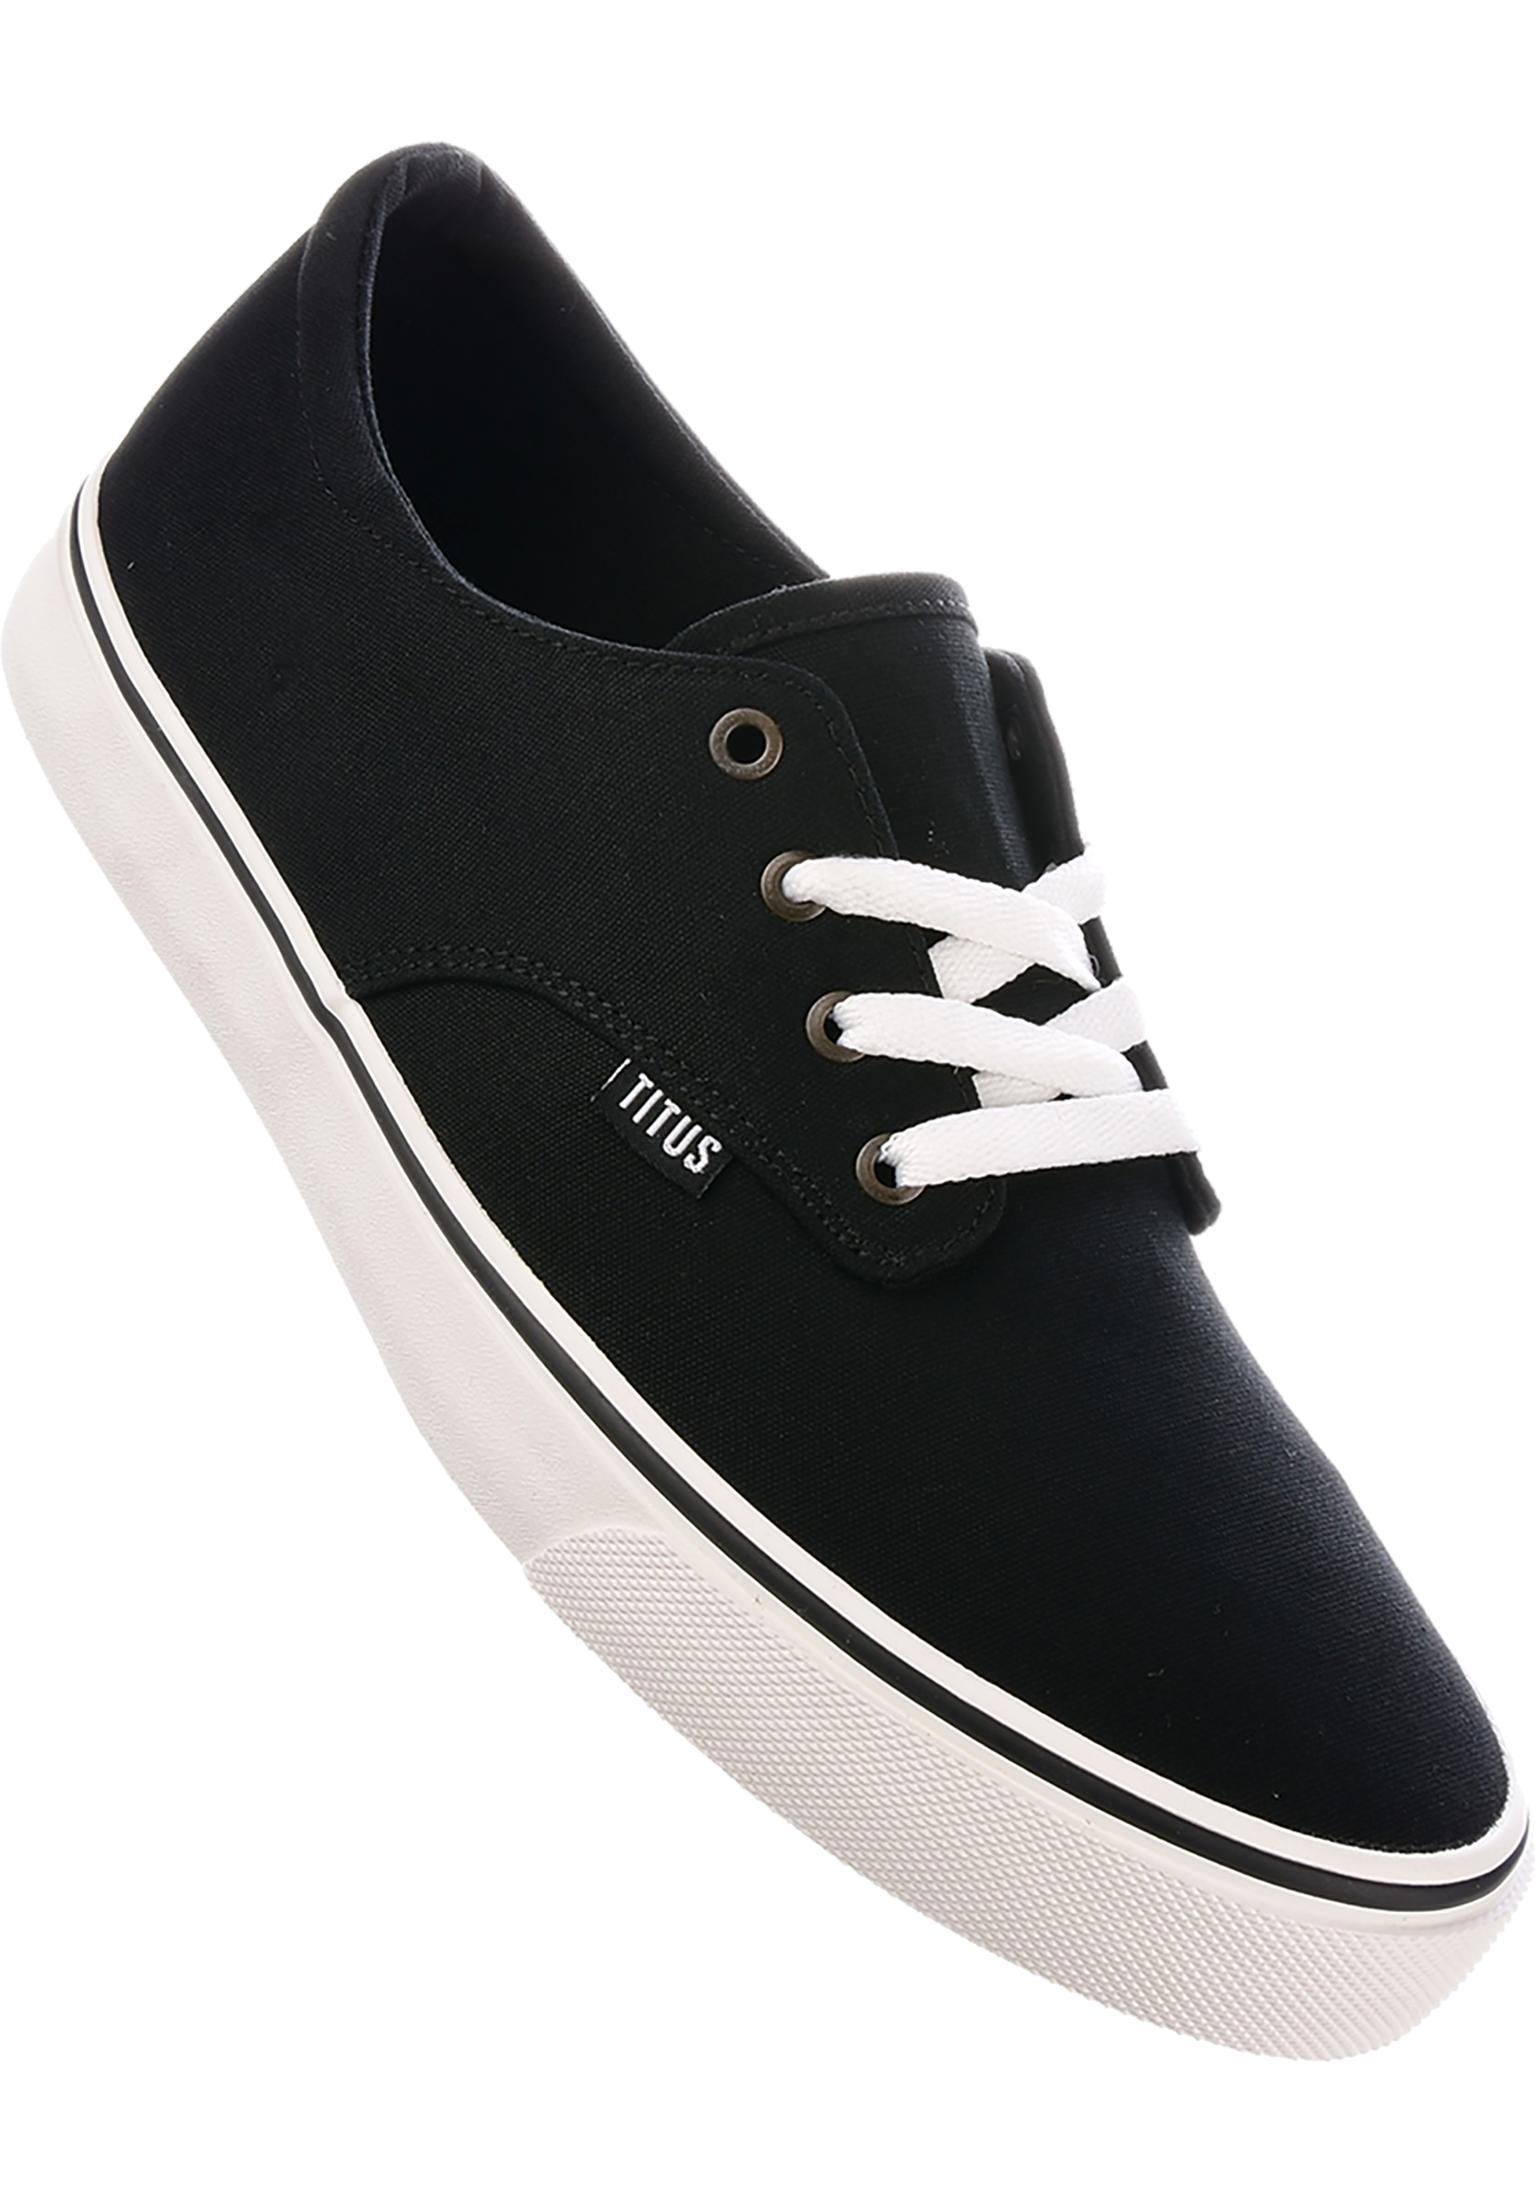 Alle Schuhe für Sale im Titus Onlineshop kaufen | Titus